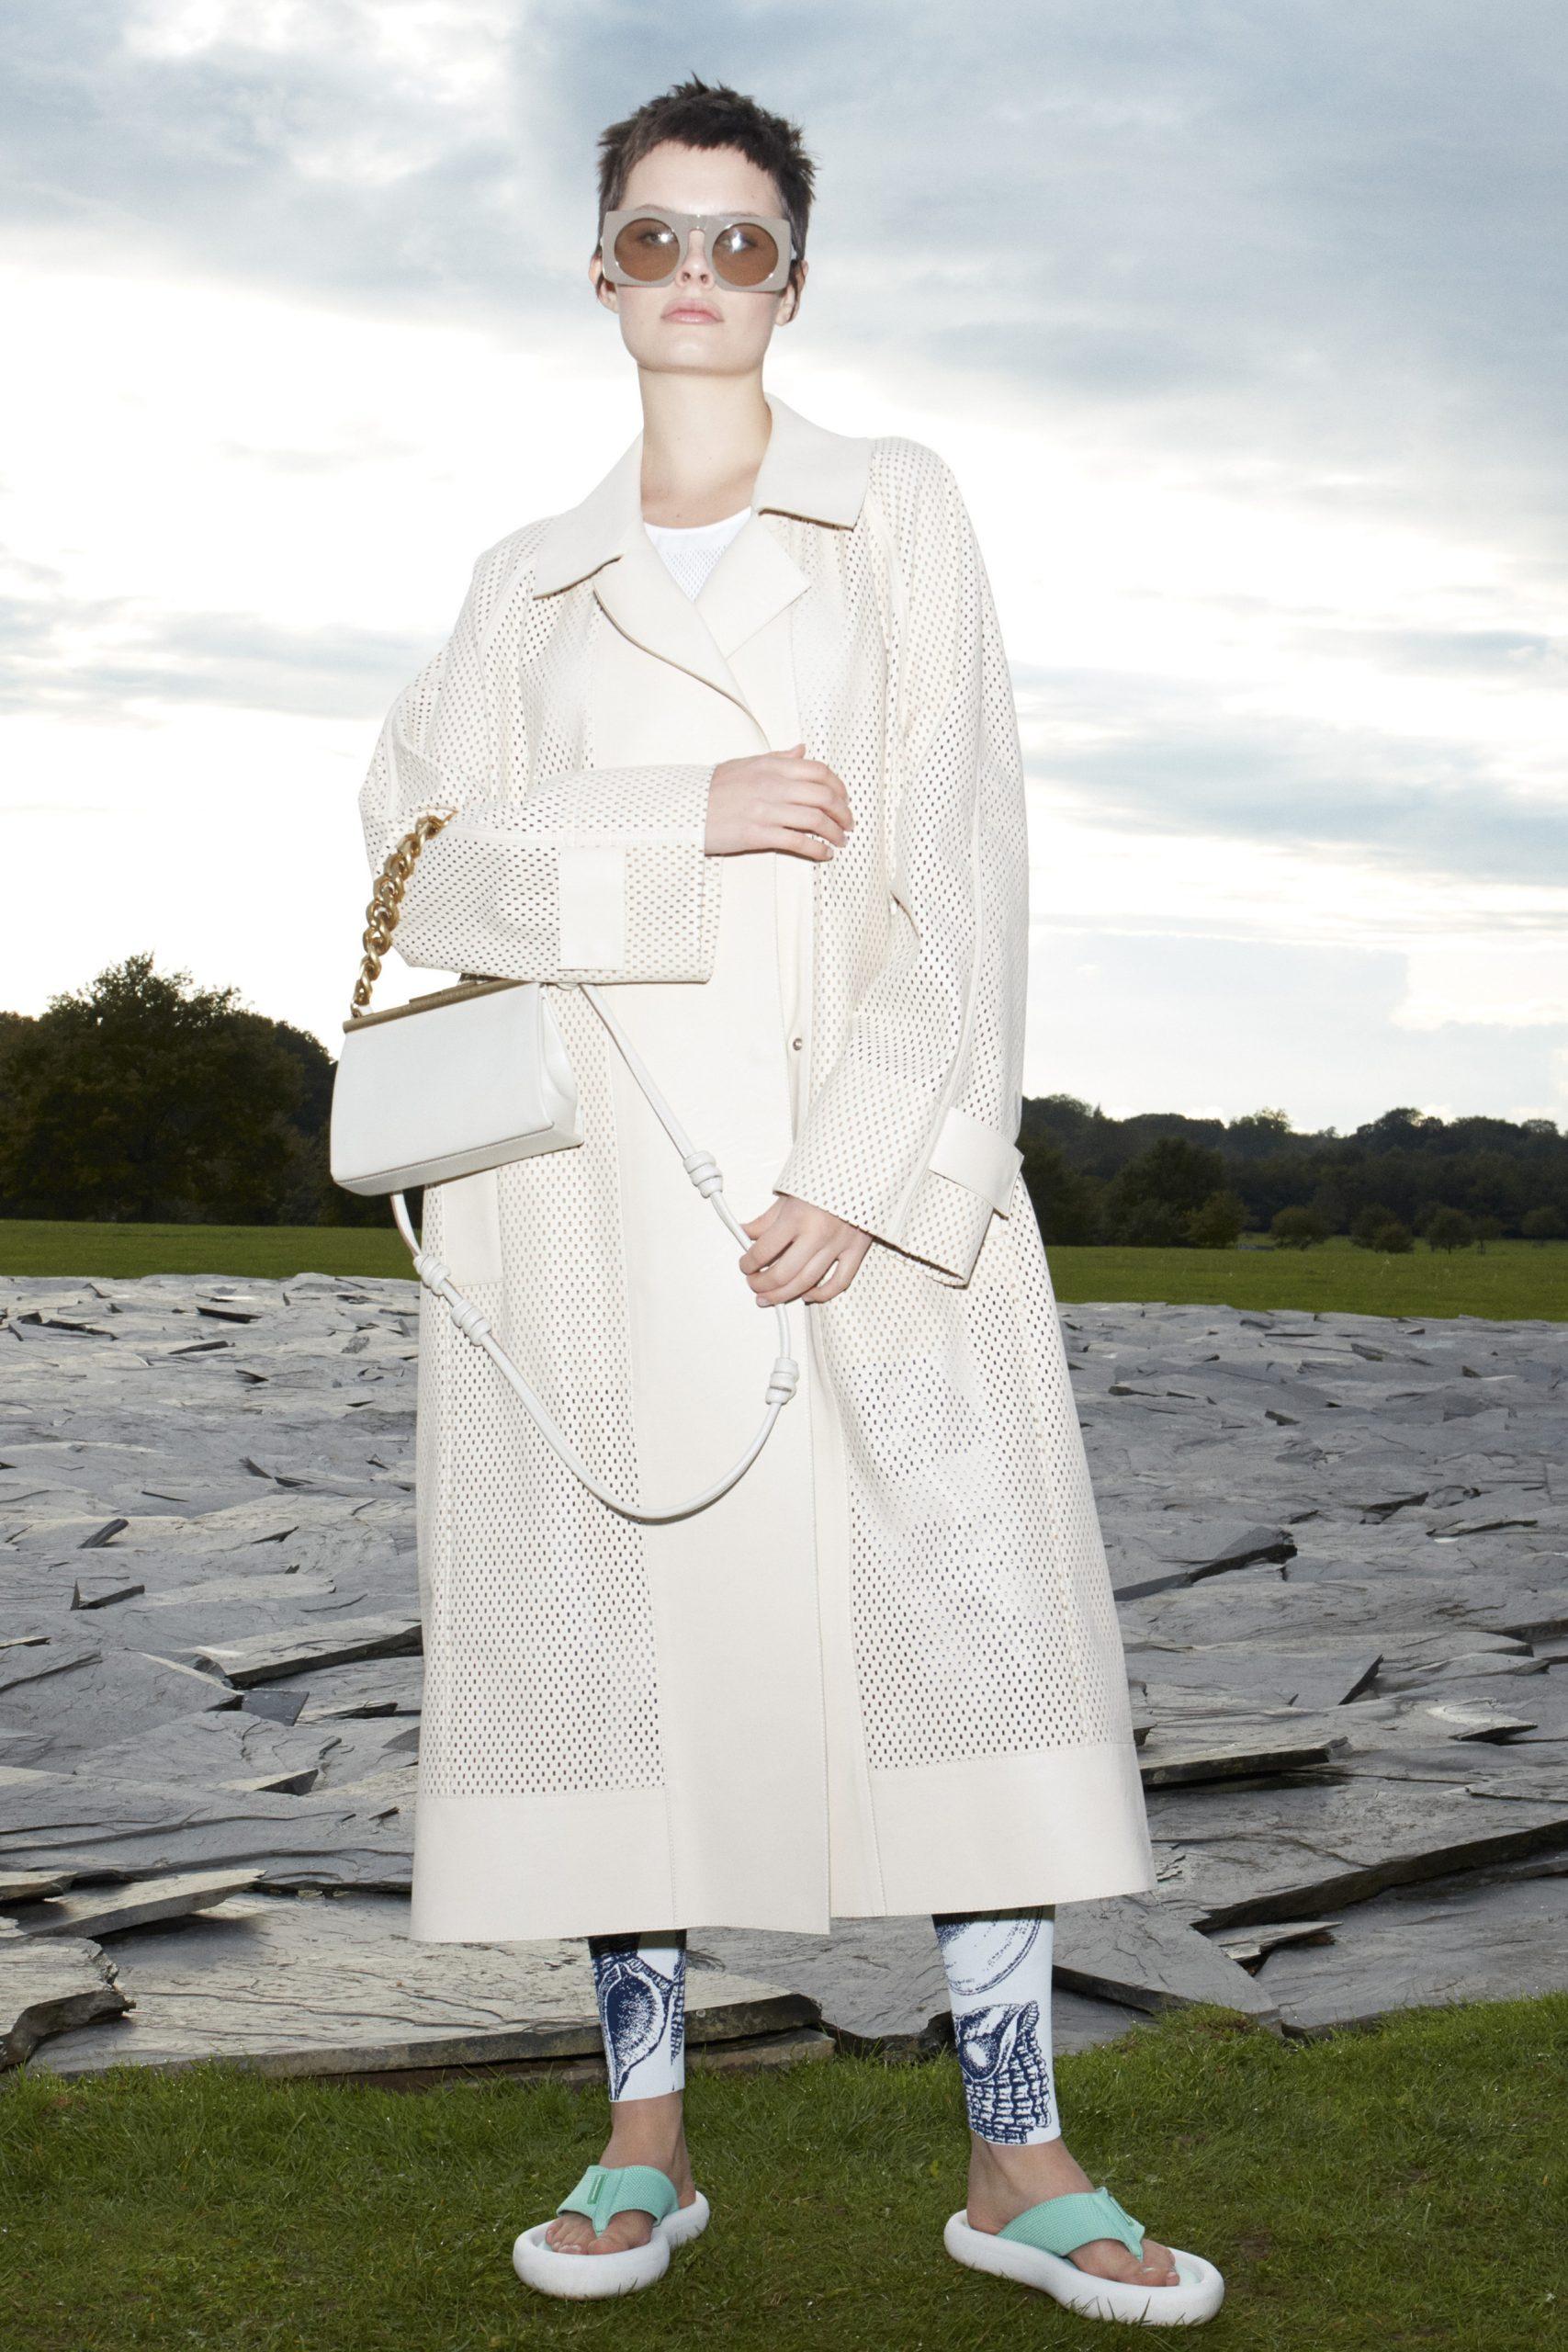 15. kép: Párizsi divathét - 2021-es tavaszi-nyári ready to wear kollekció - Stella McCartney